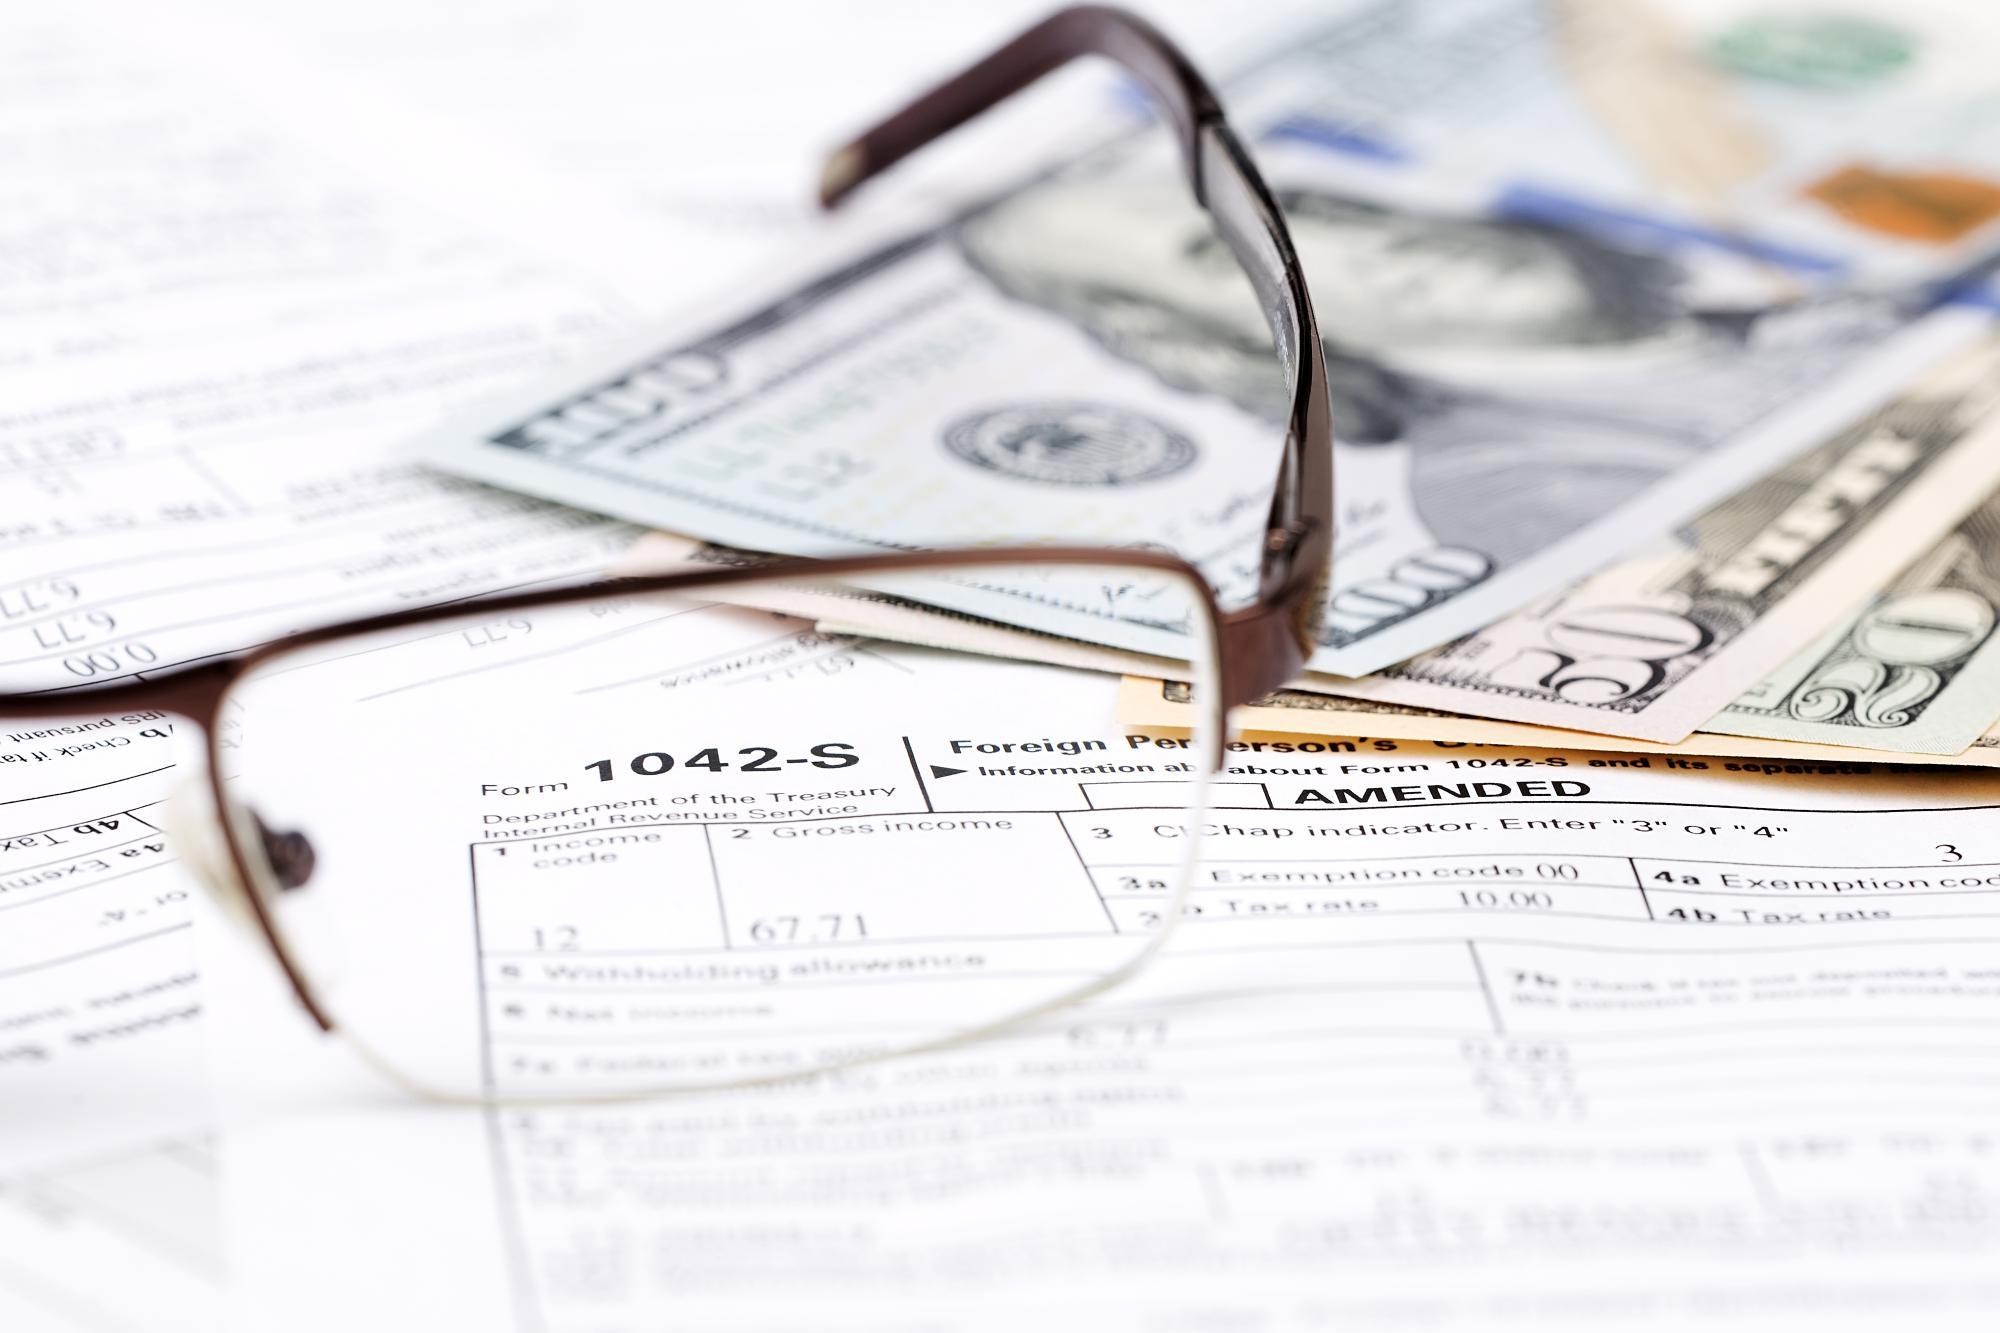 ФНС дала новые разъяснения по сдаче отчетности консолидированными группами налогоплательщиков